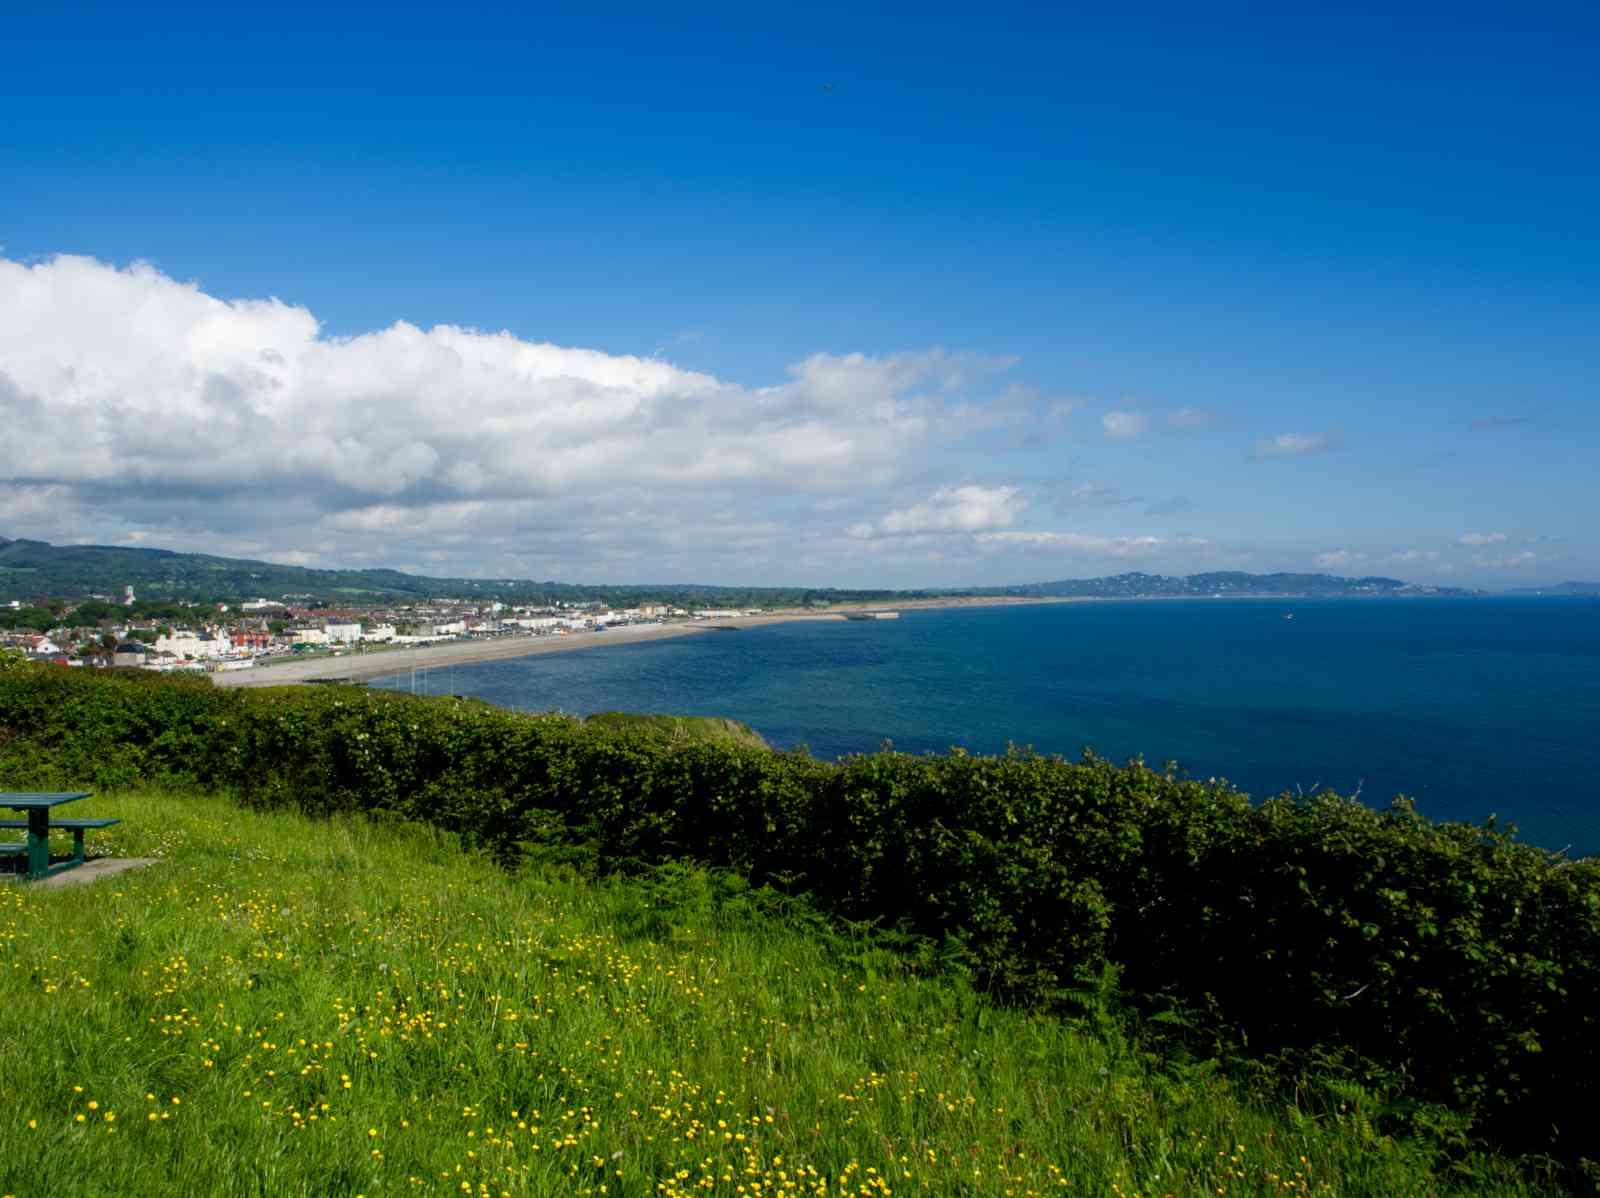 Küstenwanderung - Blick auf Bray